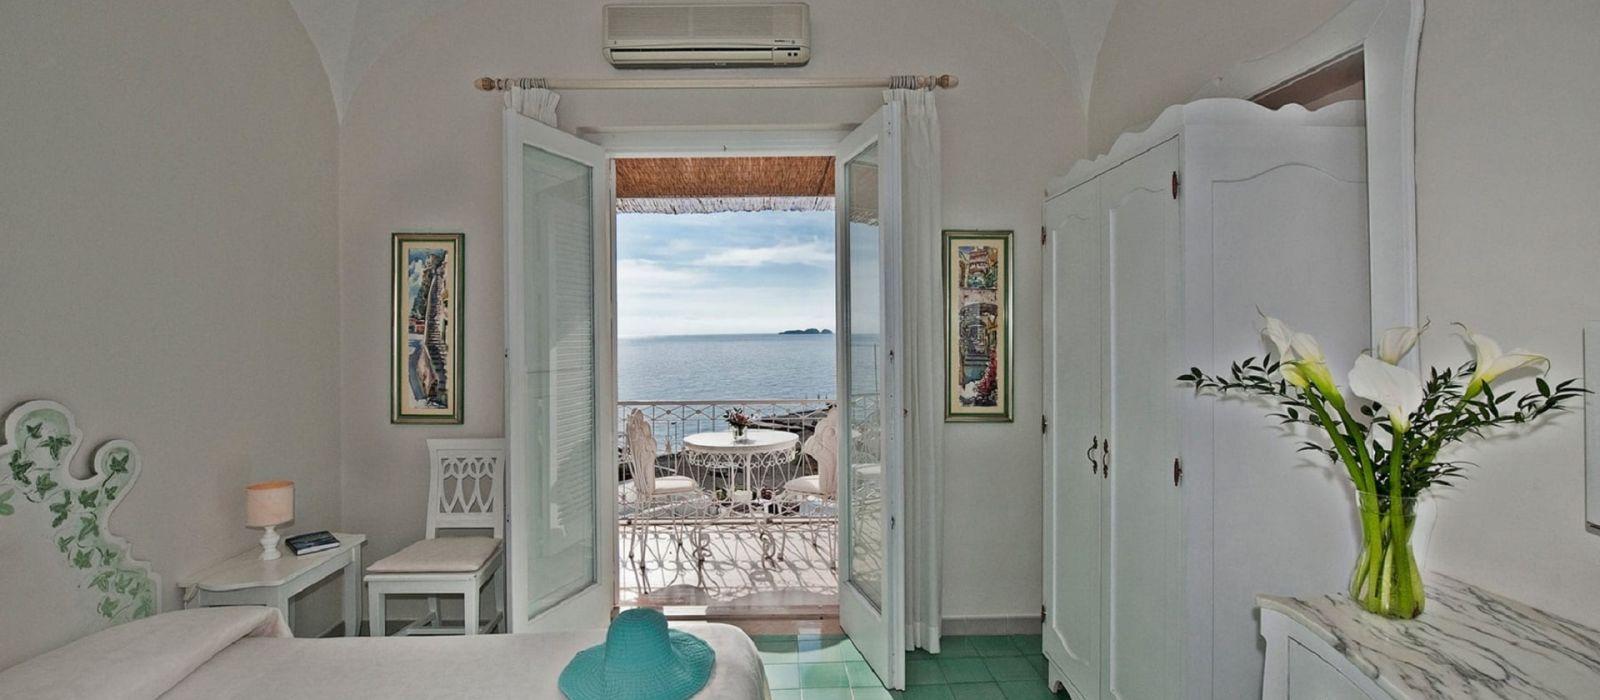 Hotel Villa La Tartana Italy